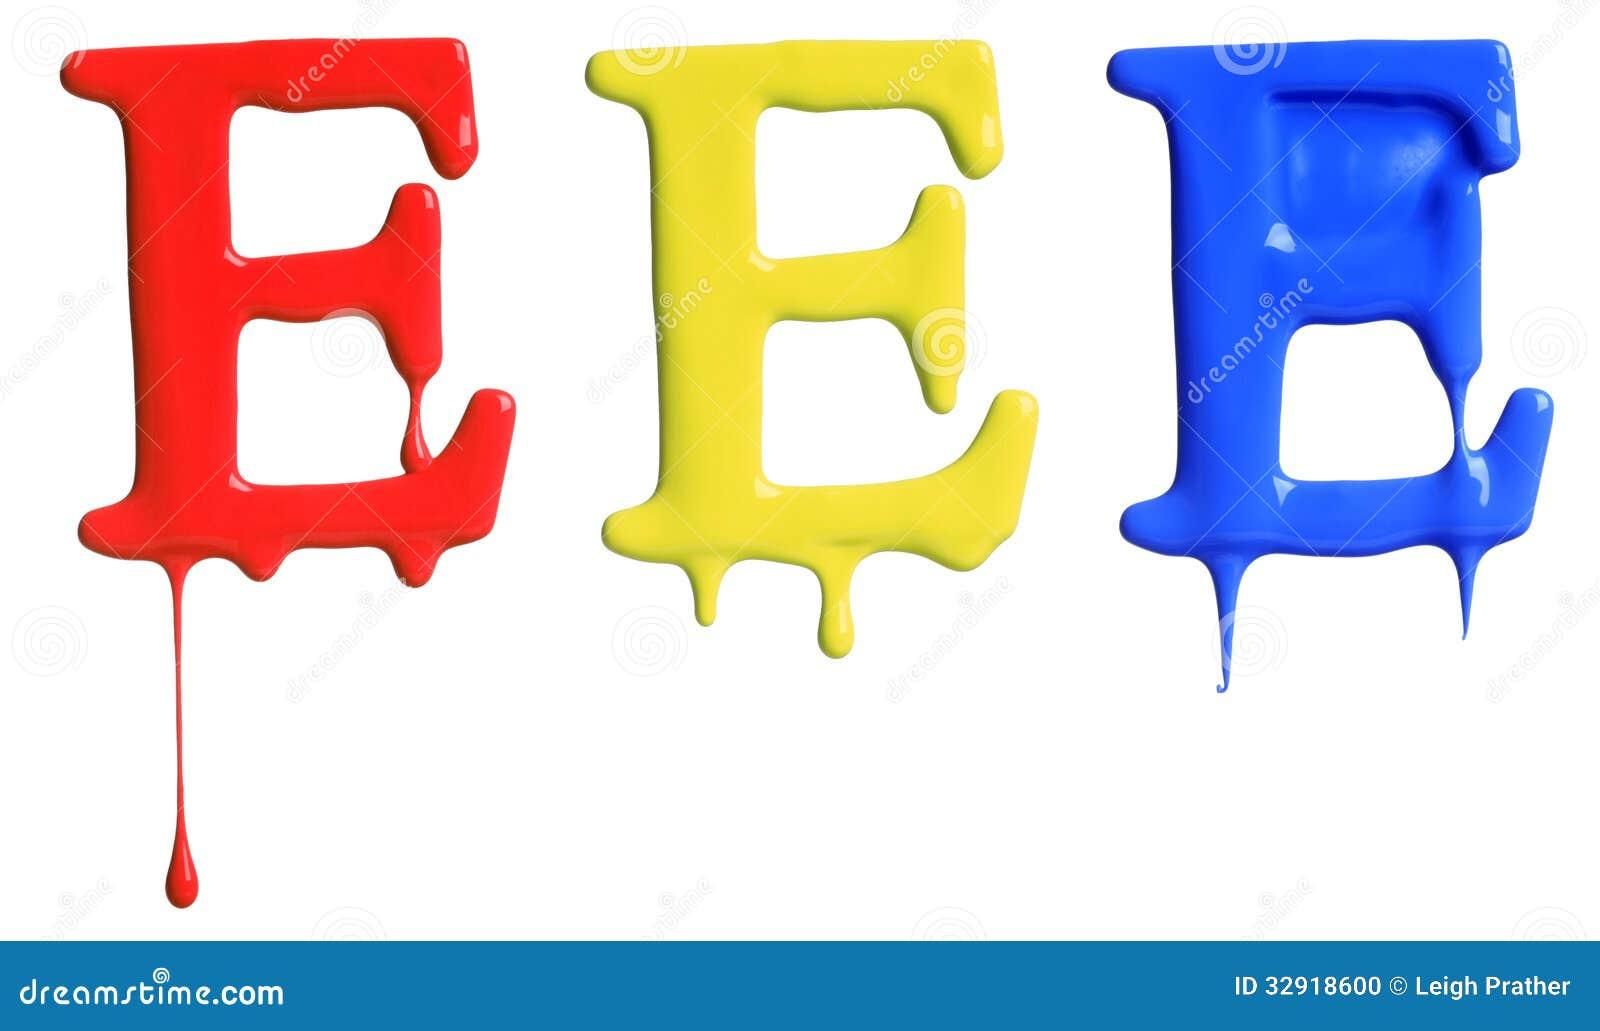 Αλφάβητο σταλάγματος χρωμάτων